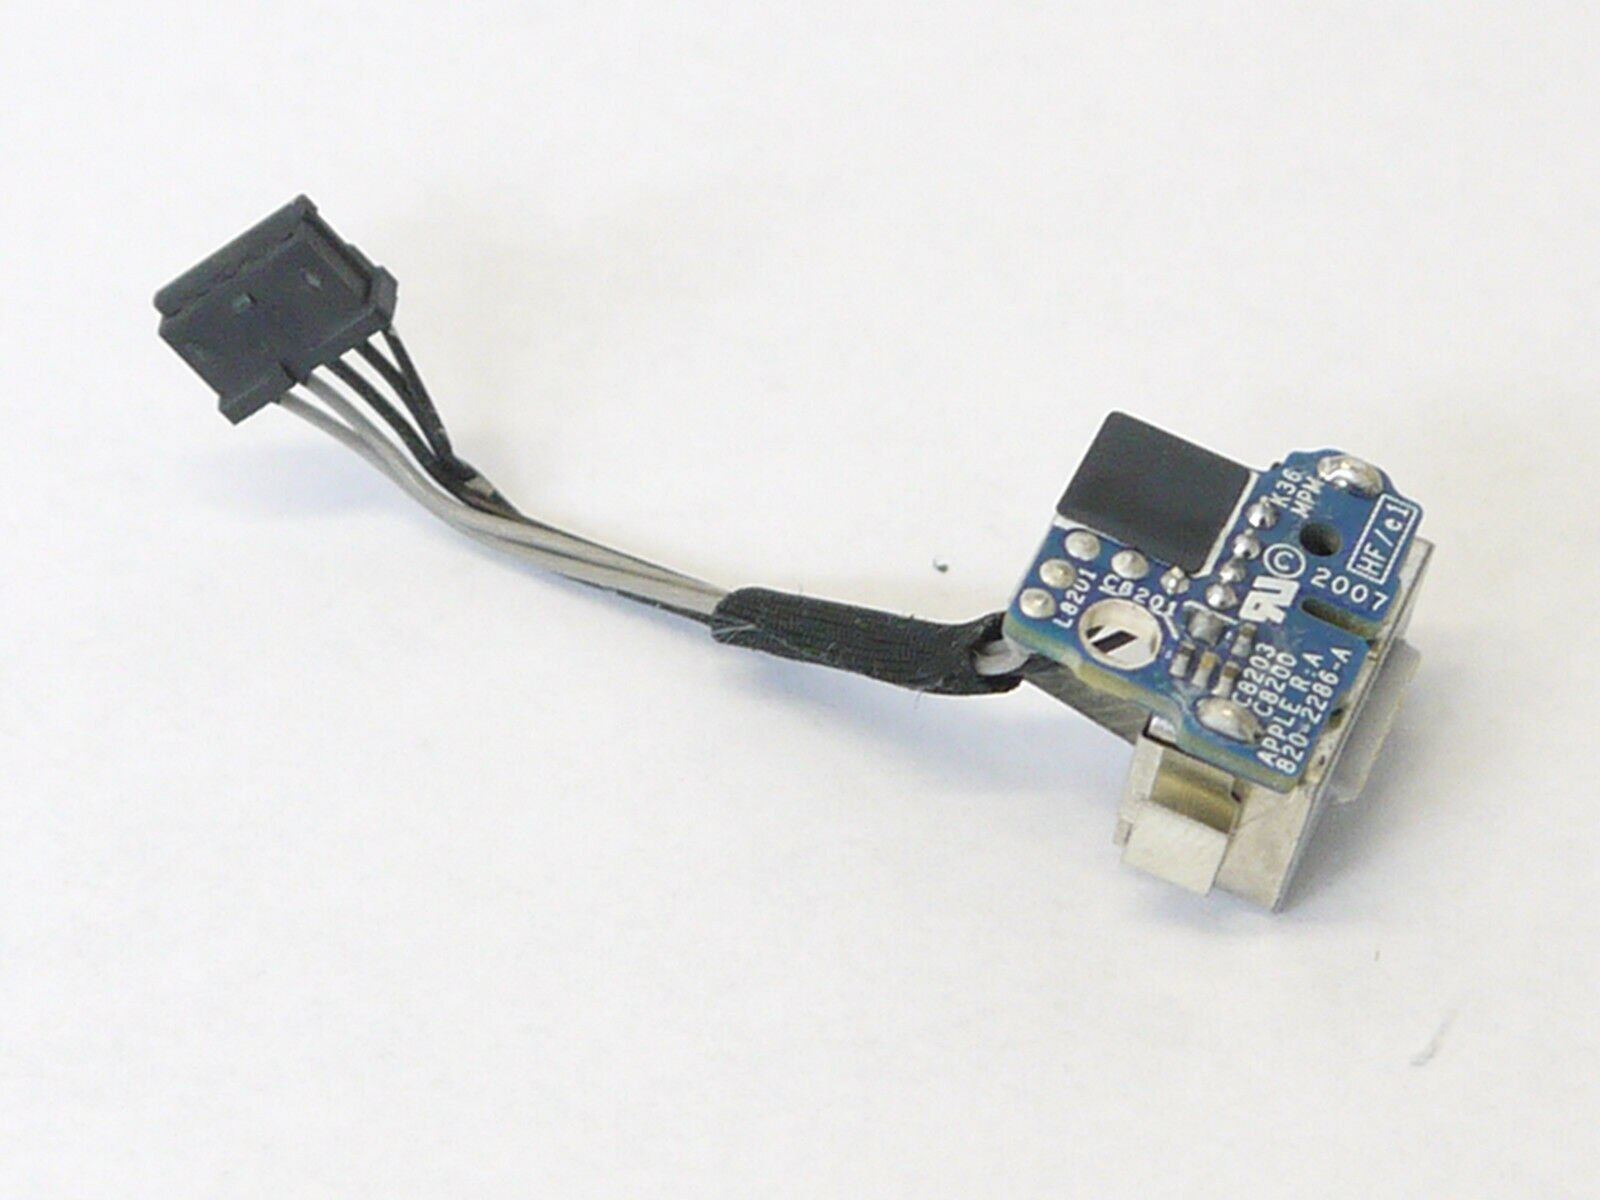 Conector De Carga Para Macbook A1181 820-2286-A